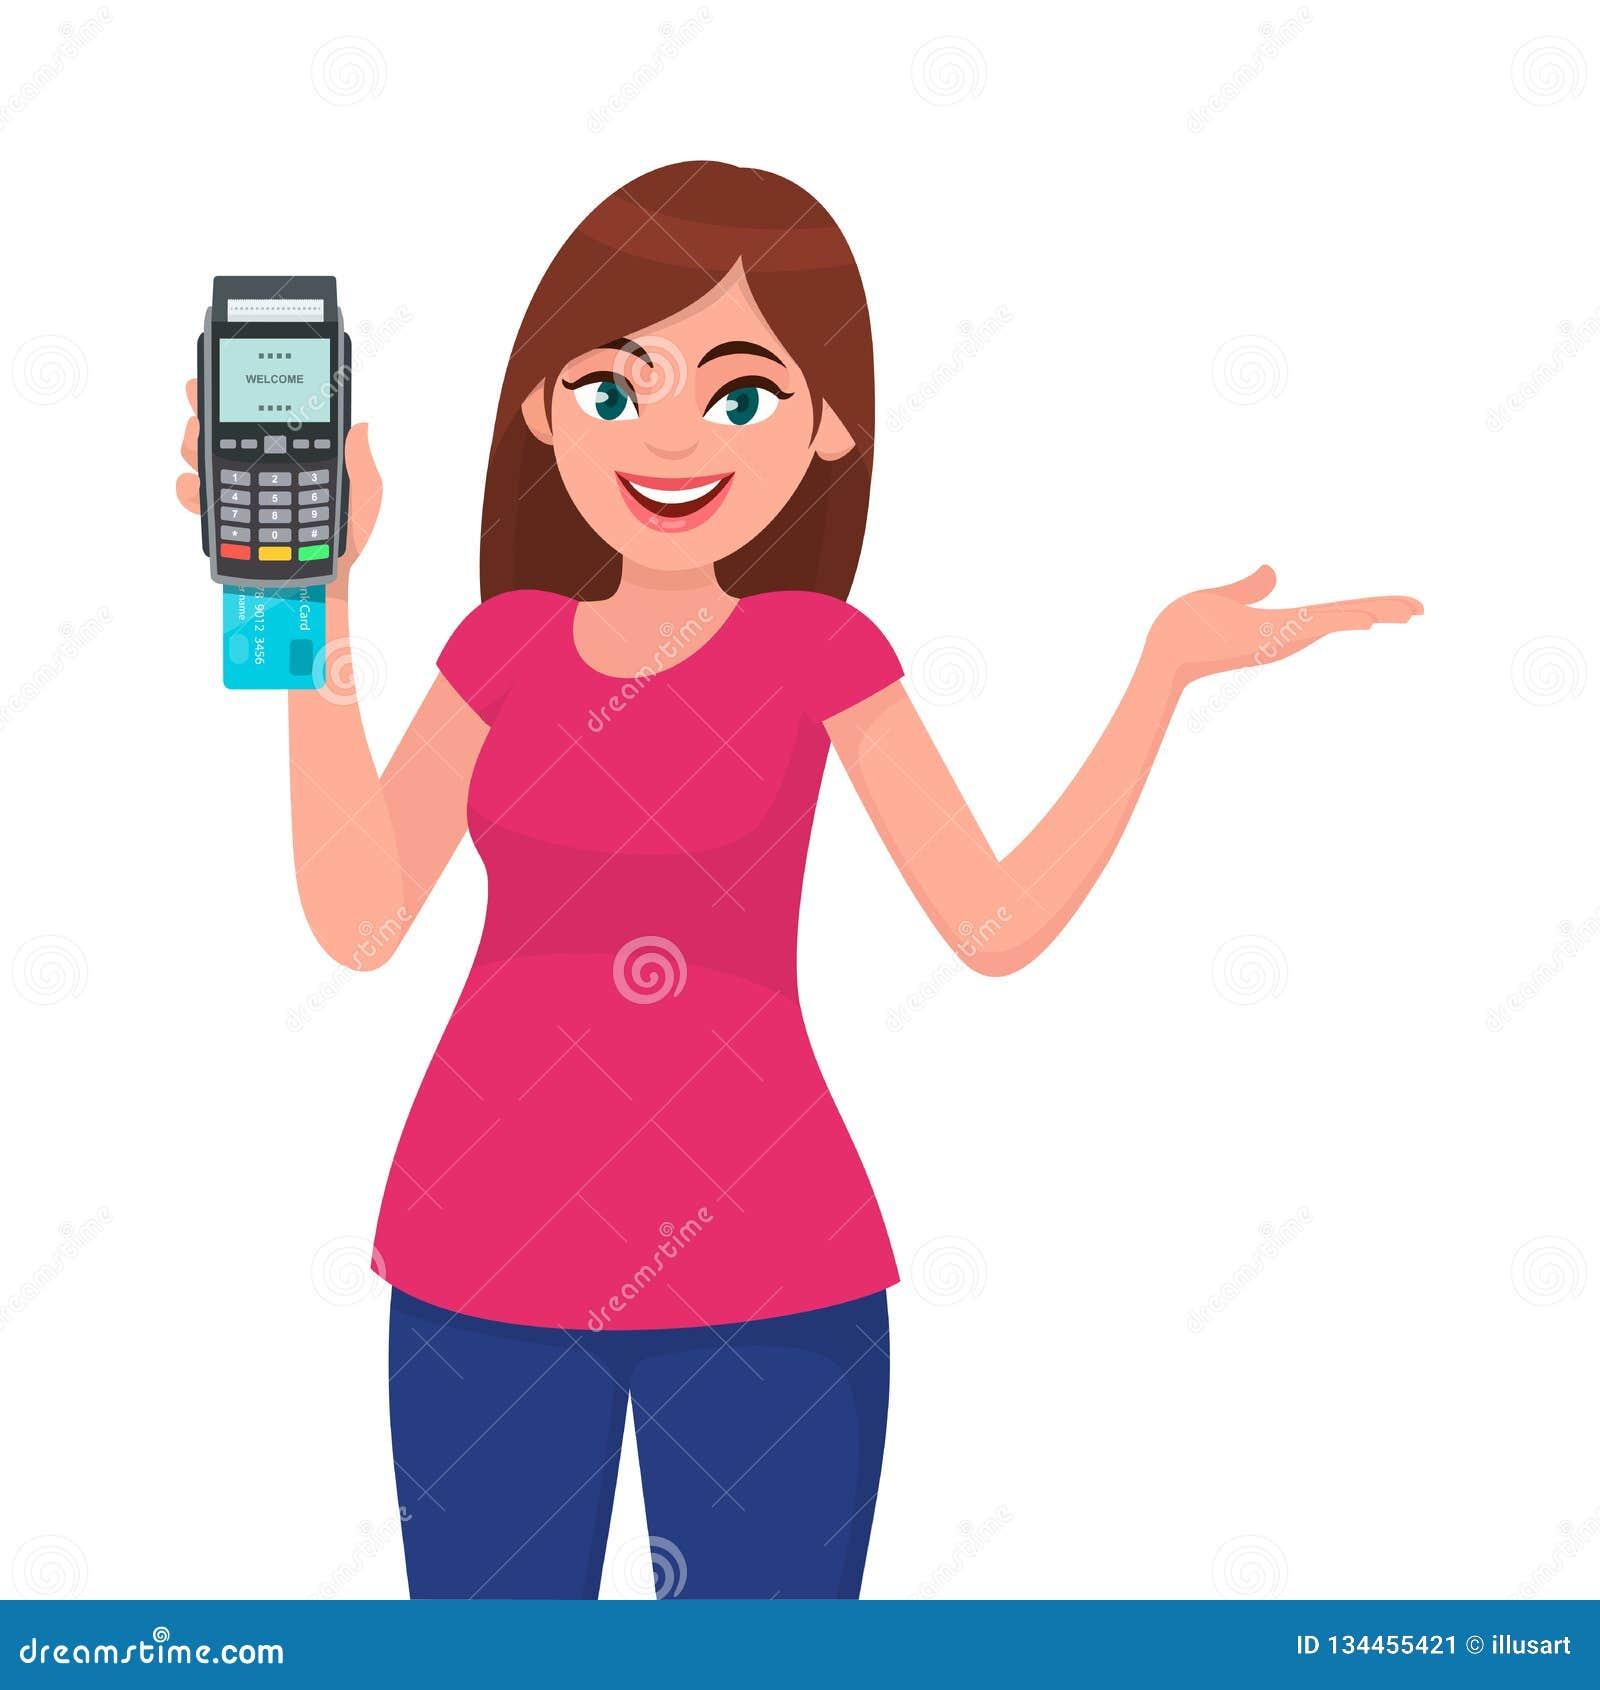 Vertretungspositionsanschluß oder -kredit/-Debitkarten der jungen Frau/des Mädchens, die Maschine und Gestenhand klauen, um Raums